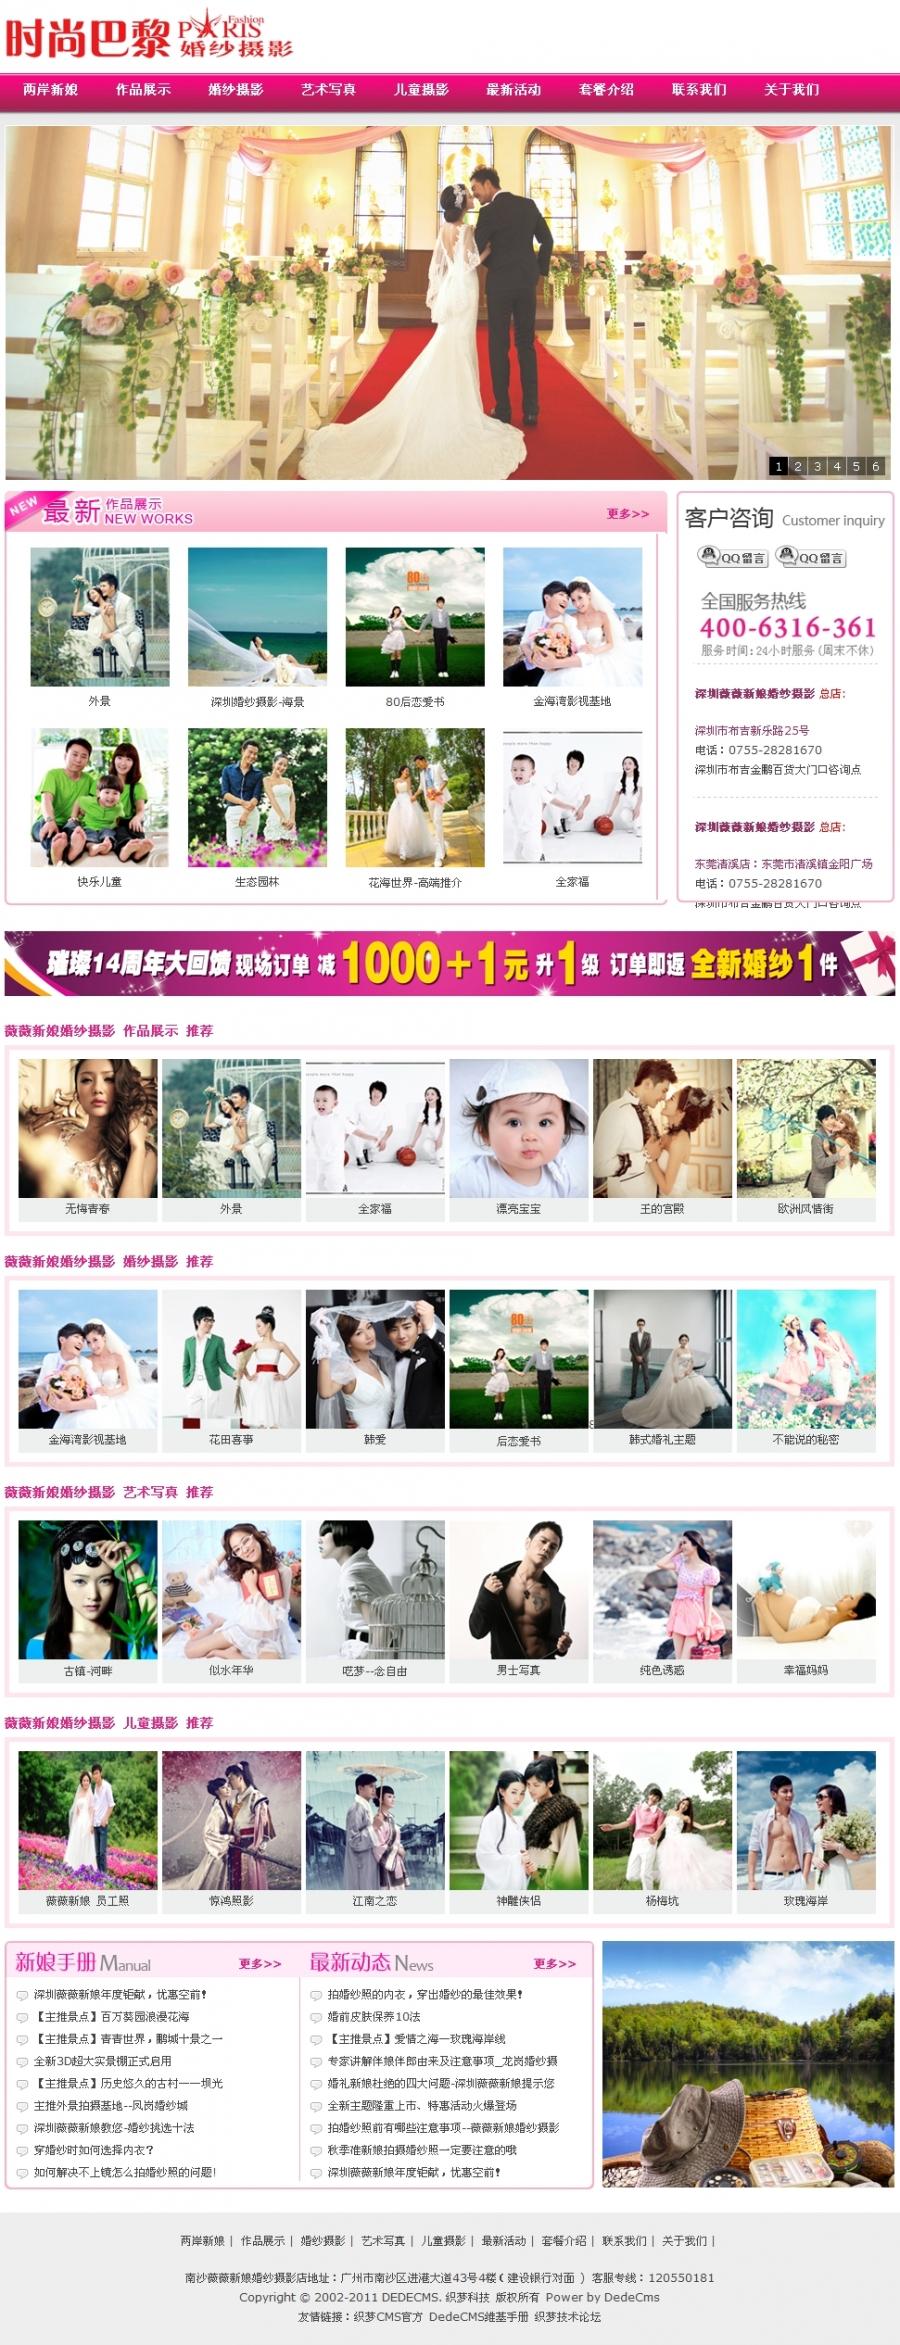 婚纱摄影工作室织梦源码(带PSD源代码粉红浪漫)